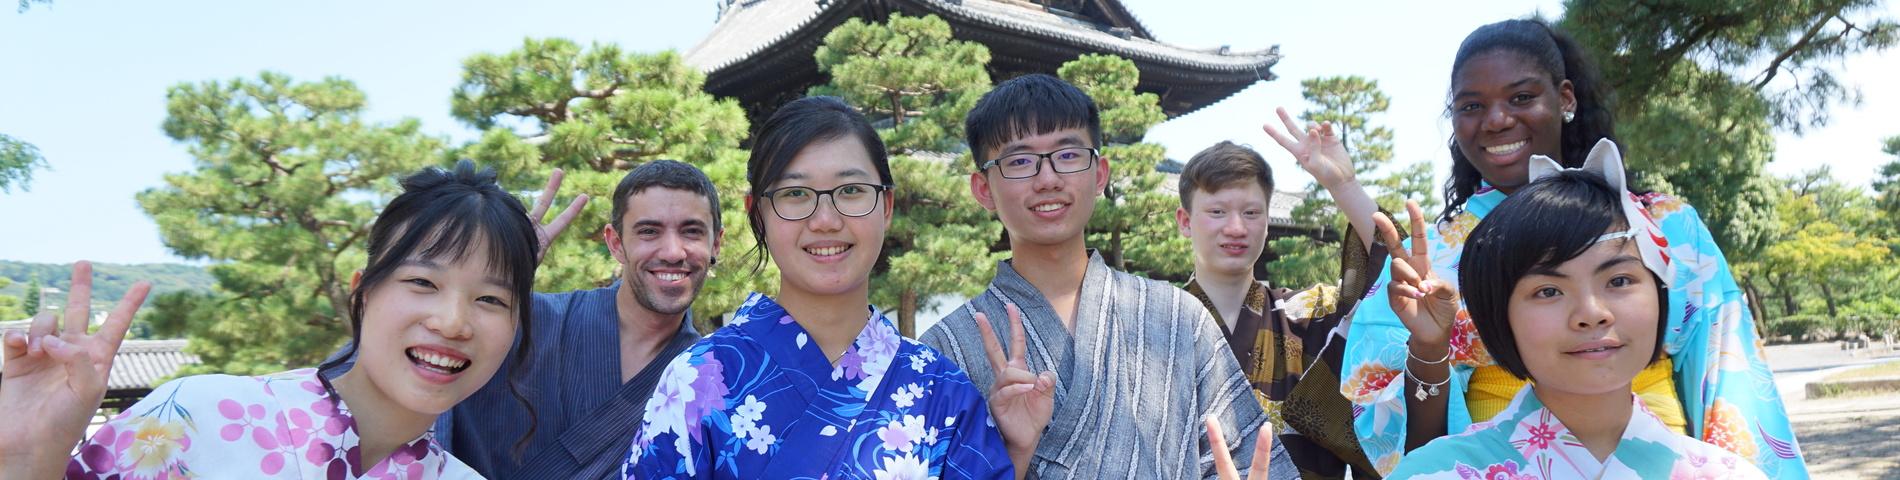 Kyoto JaLS billede 1